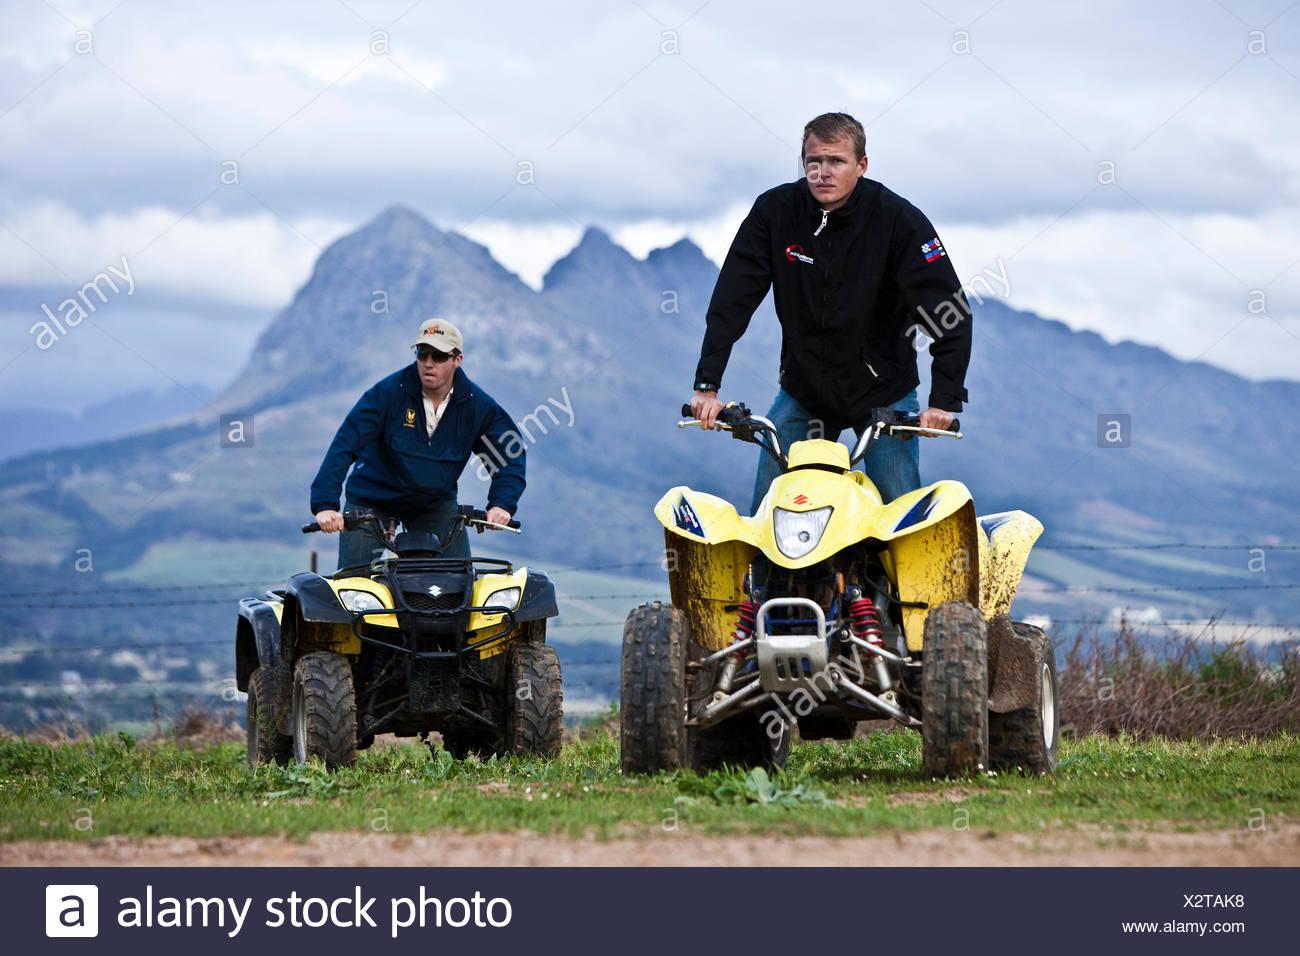 Men pause for rest on quadbikes in rural Stellenbosh - Stock Image